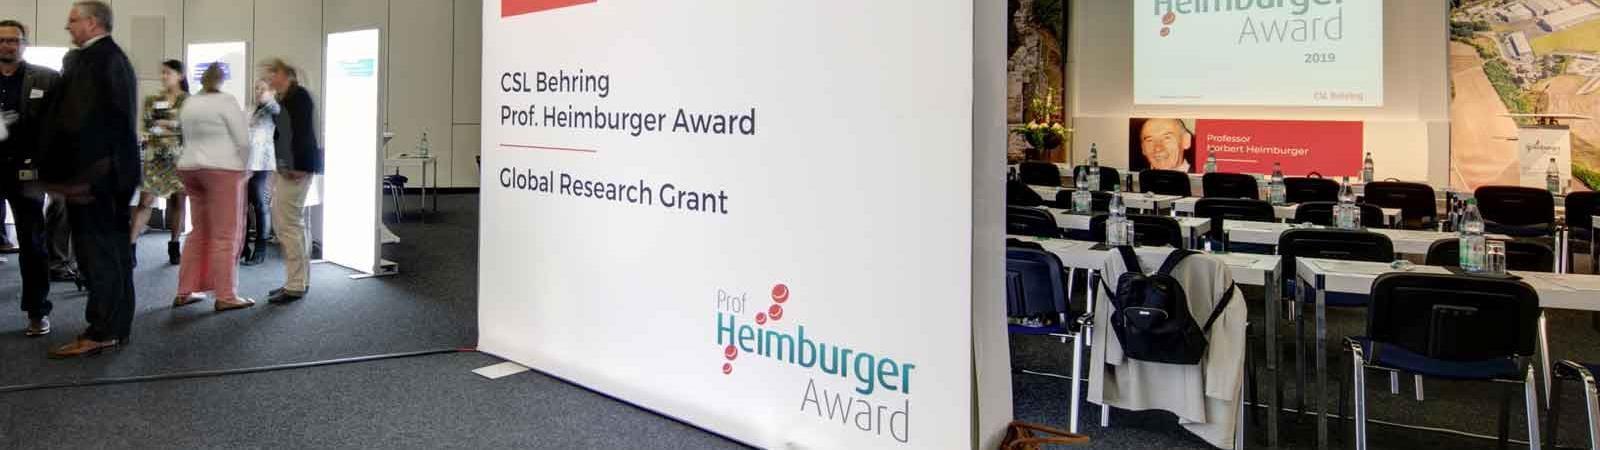 Prêmio Professor Heimburger